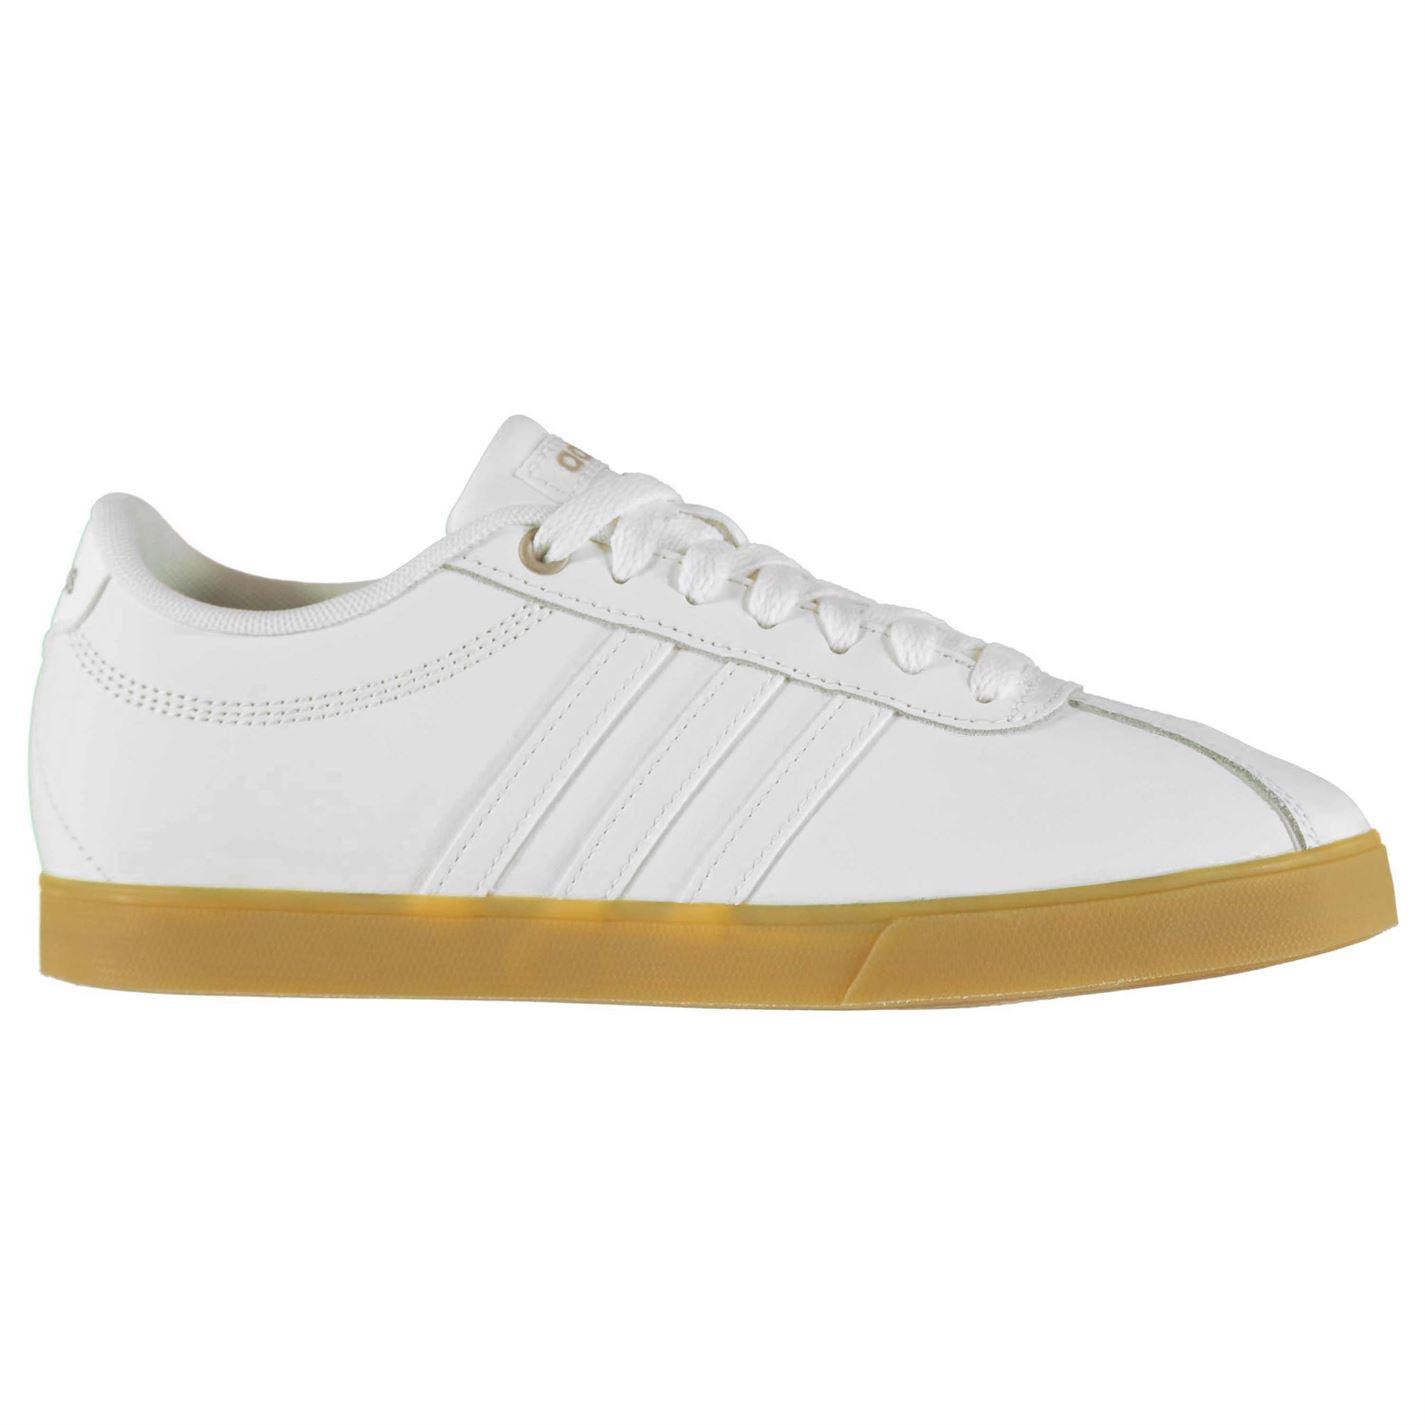 adidas CourtSet Leather Dámské Tenisky - Glami.sk 61893e03897